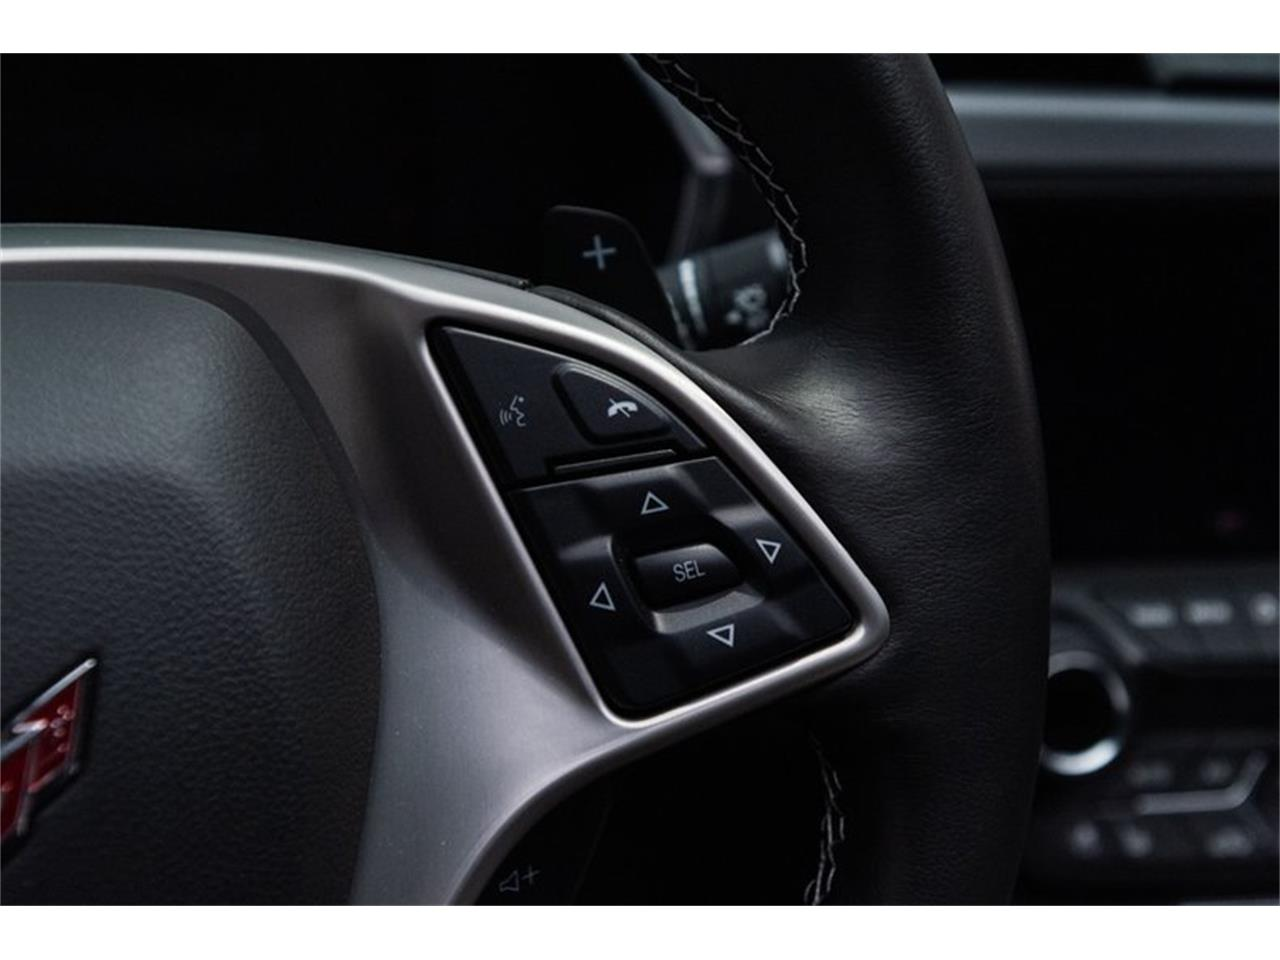 2017 Chevrolet Corvette (CC-1272643) for sale in Charlotte, North Carolina